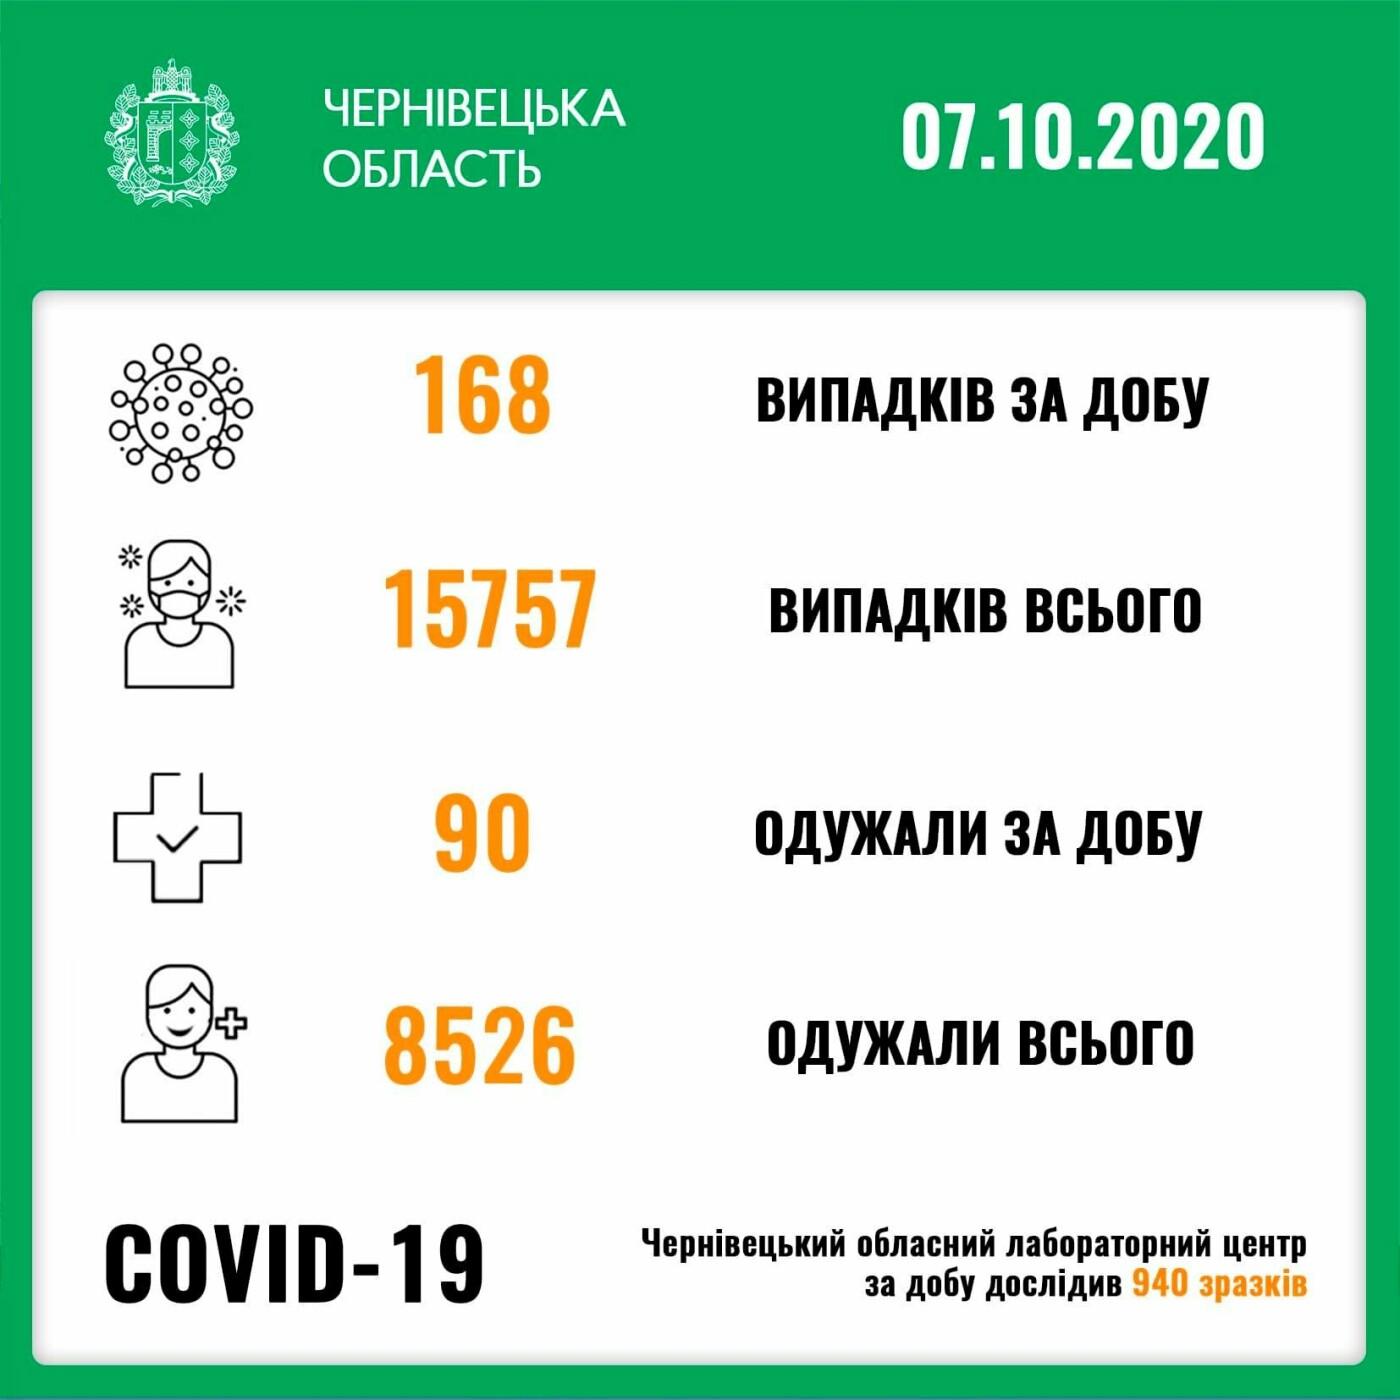 Кількість нових хворих на Сovid-19 буковинців